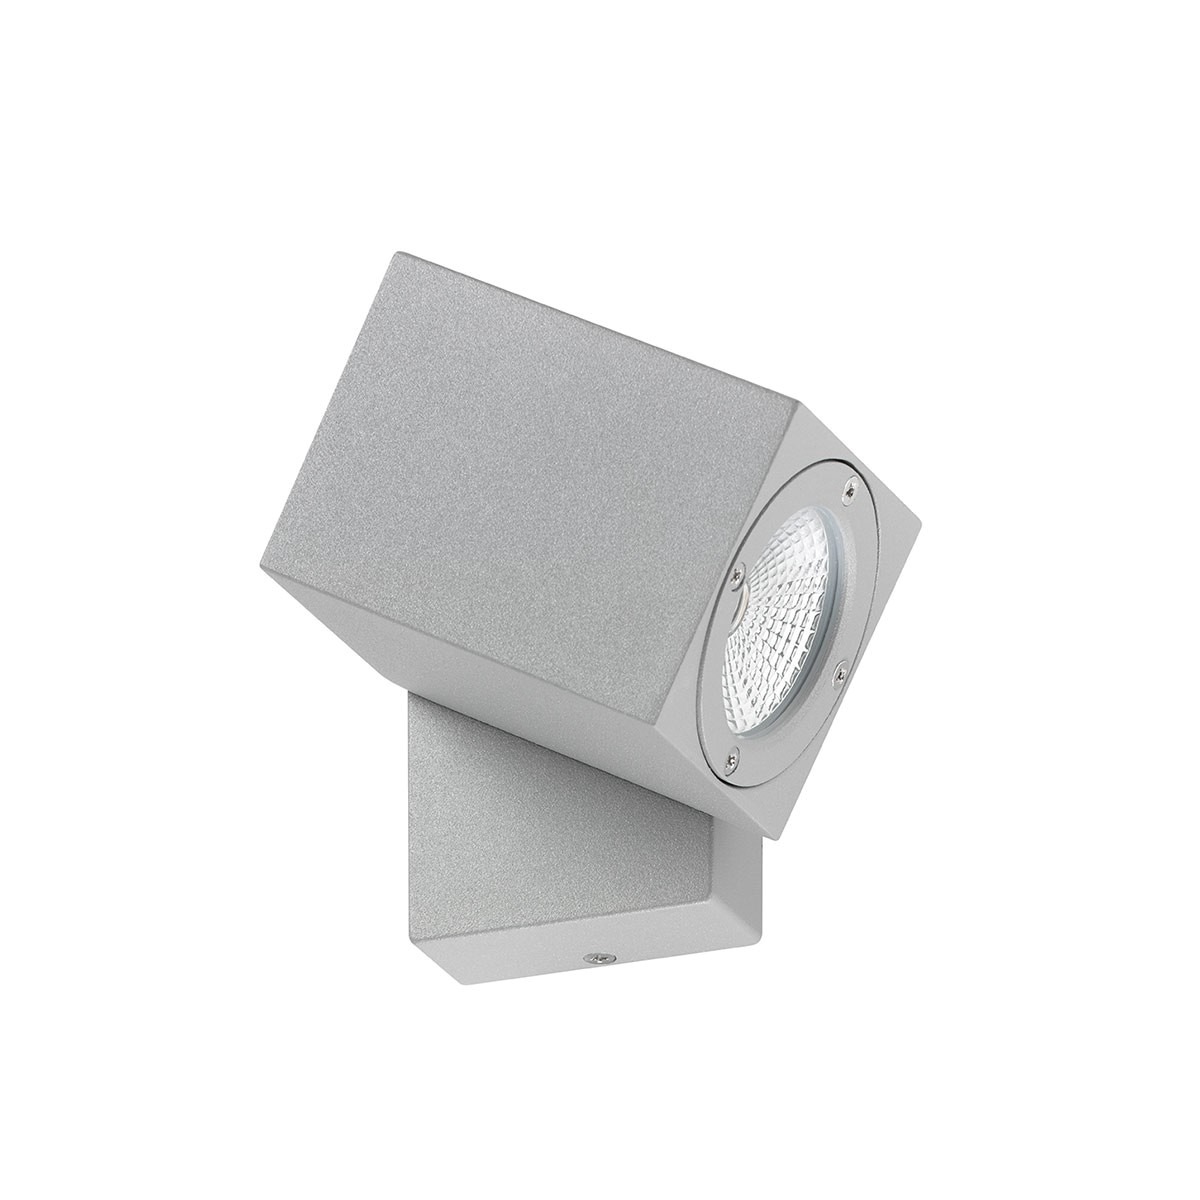 LCD Außenleuchten 5001 LED Wandleuchte, Aluminium silbern